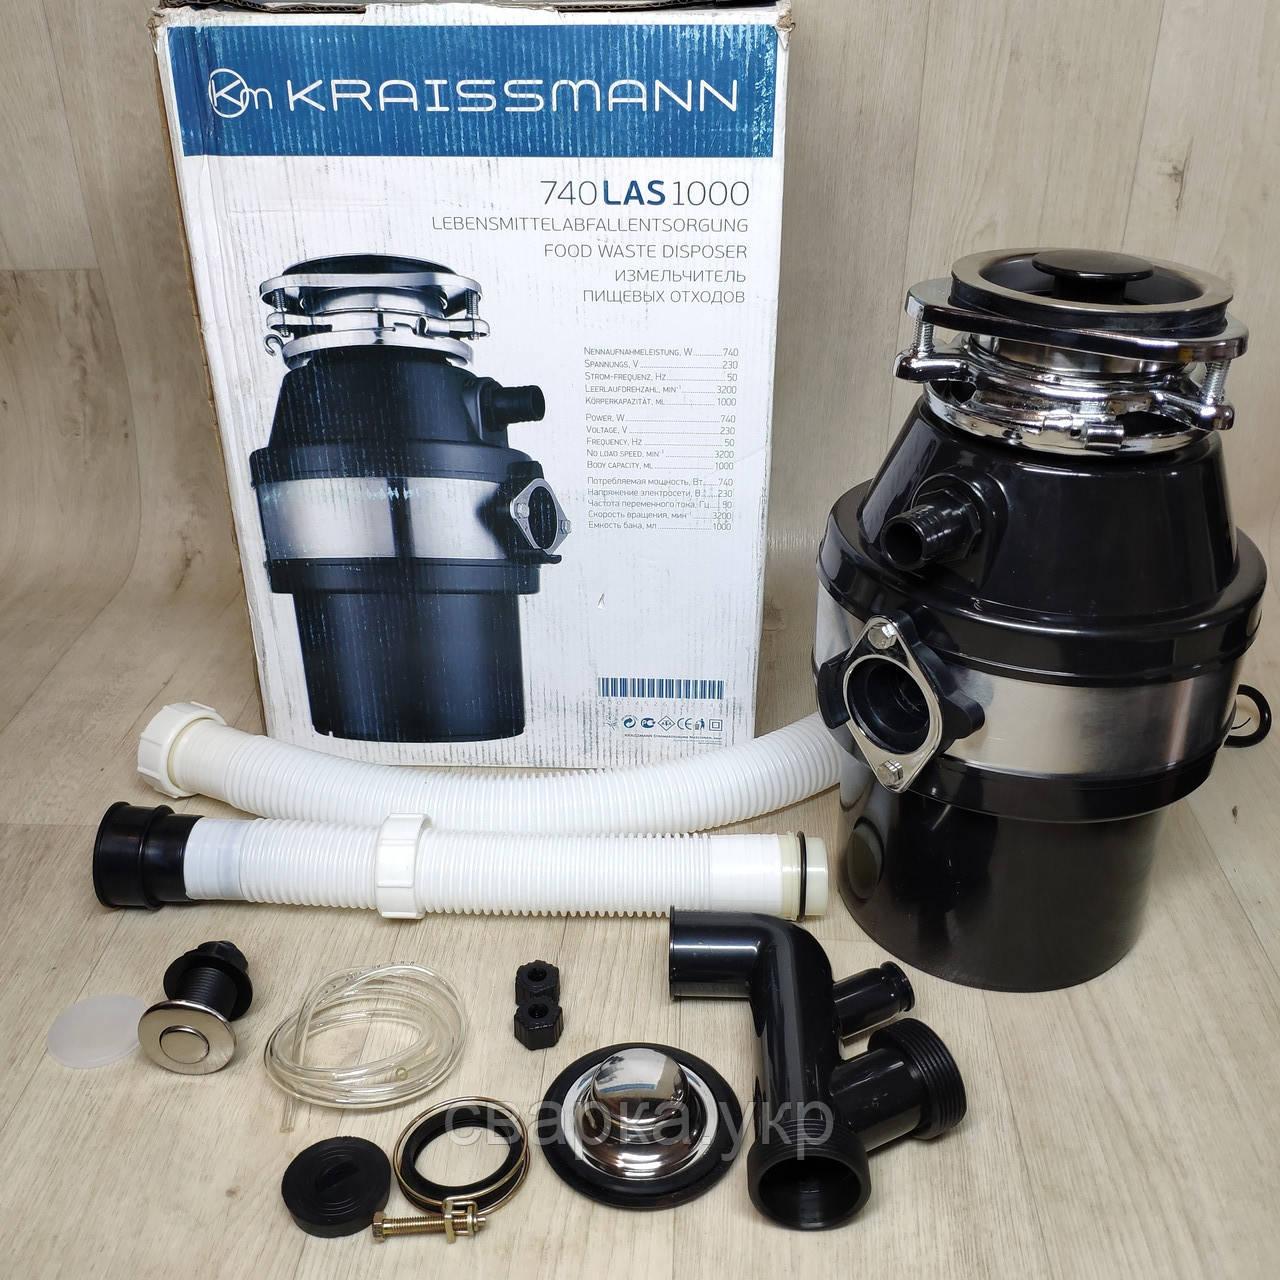 Кухонный измельчитель пищевых отходов Kraissmann 740 LAS 1000 с Кнопкой